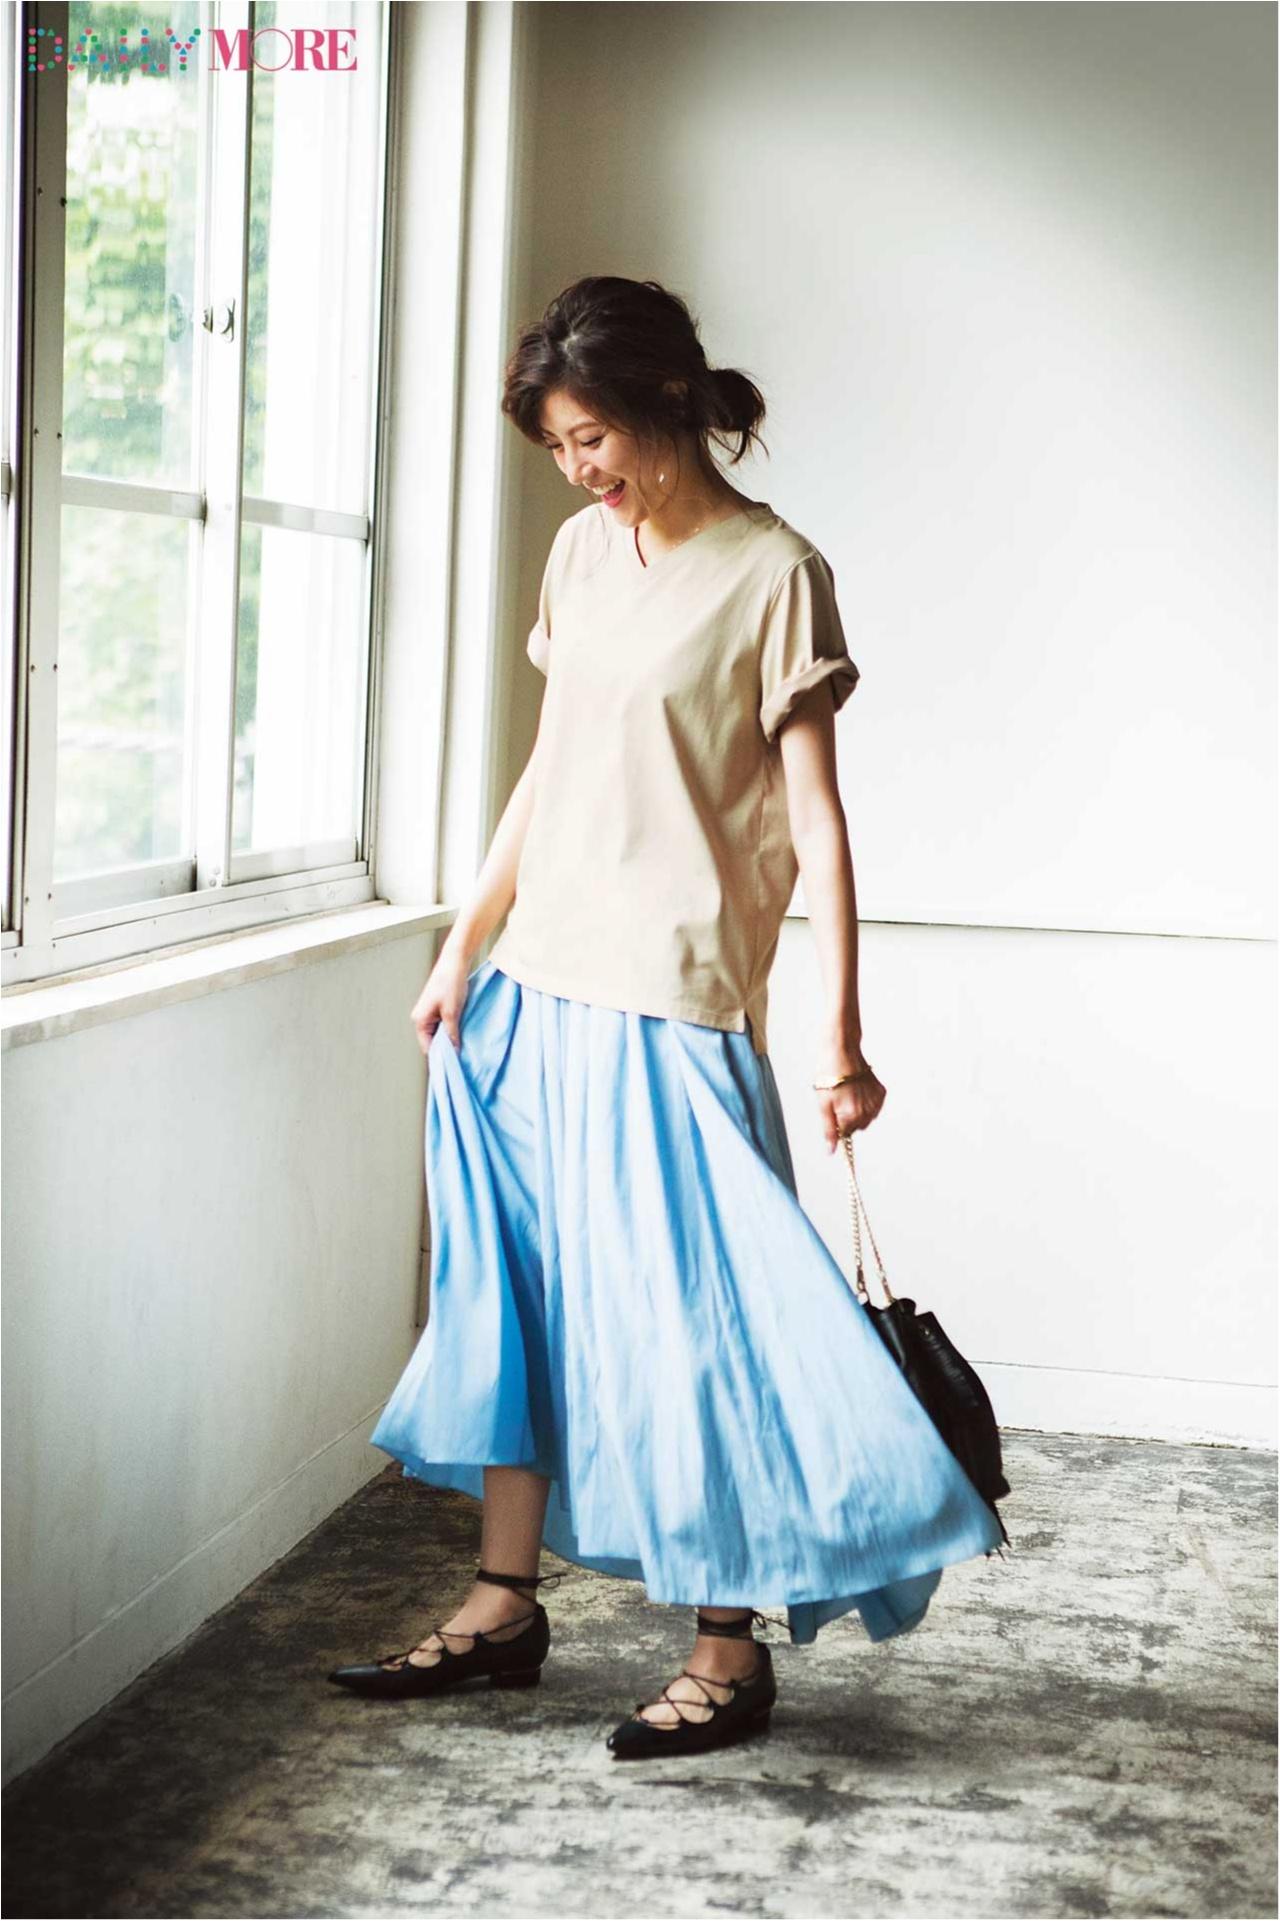 【今日のコーデ/佐藤ありさ】スカートがはきたい木曜日はTシャツでこなれ感を♪_1